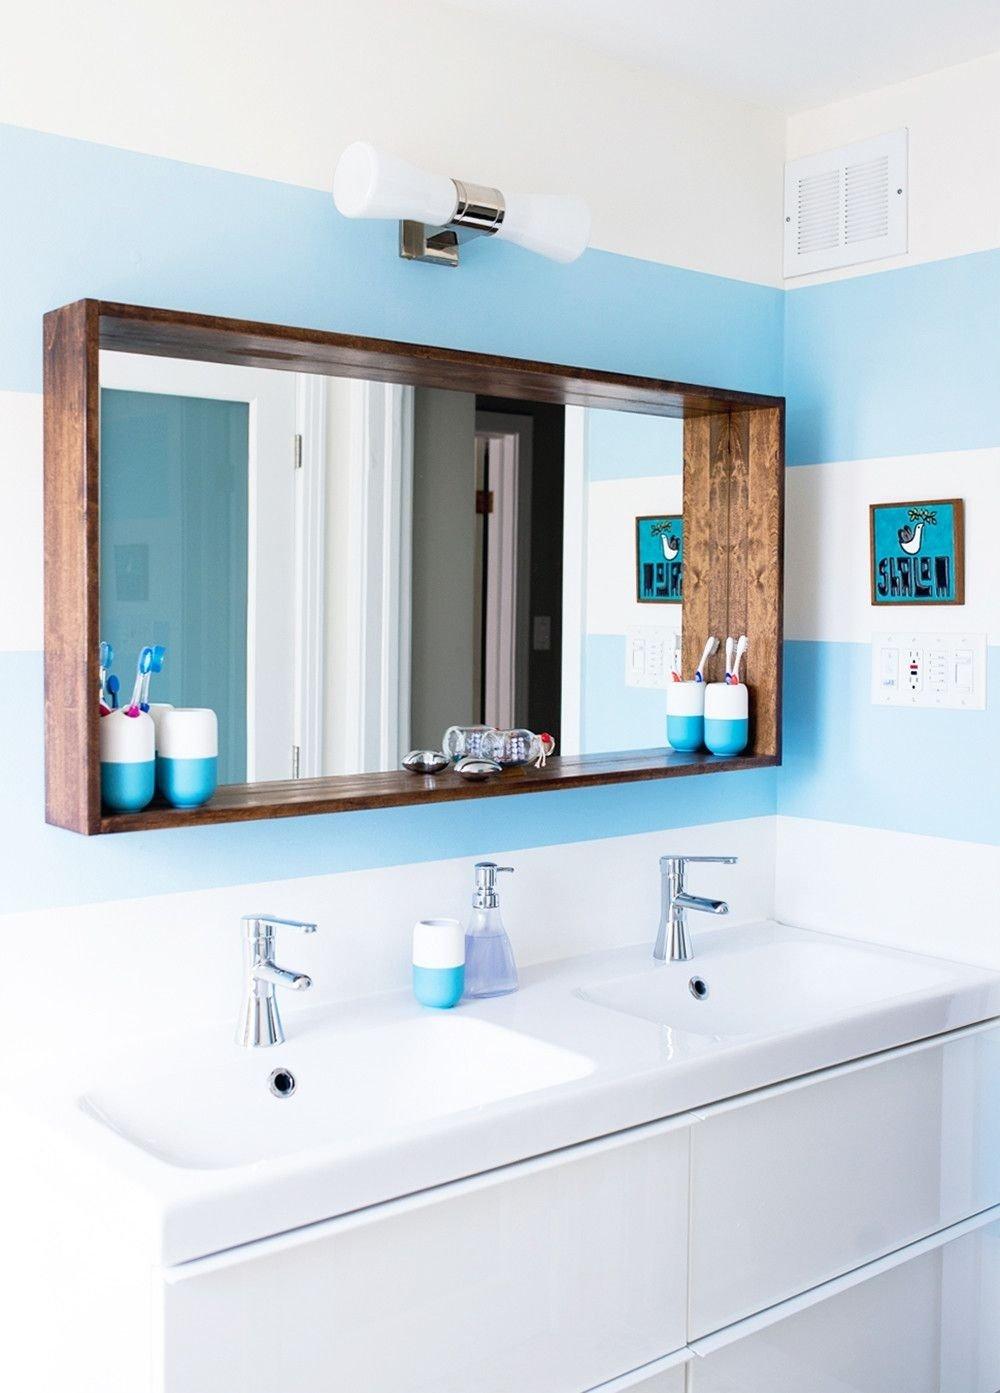 10 Lovable Diy Bathroom Mirror Frame Ideas 17 bathroom mirrors ideas decor design inspirations for 2020